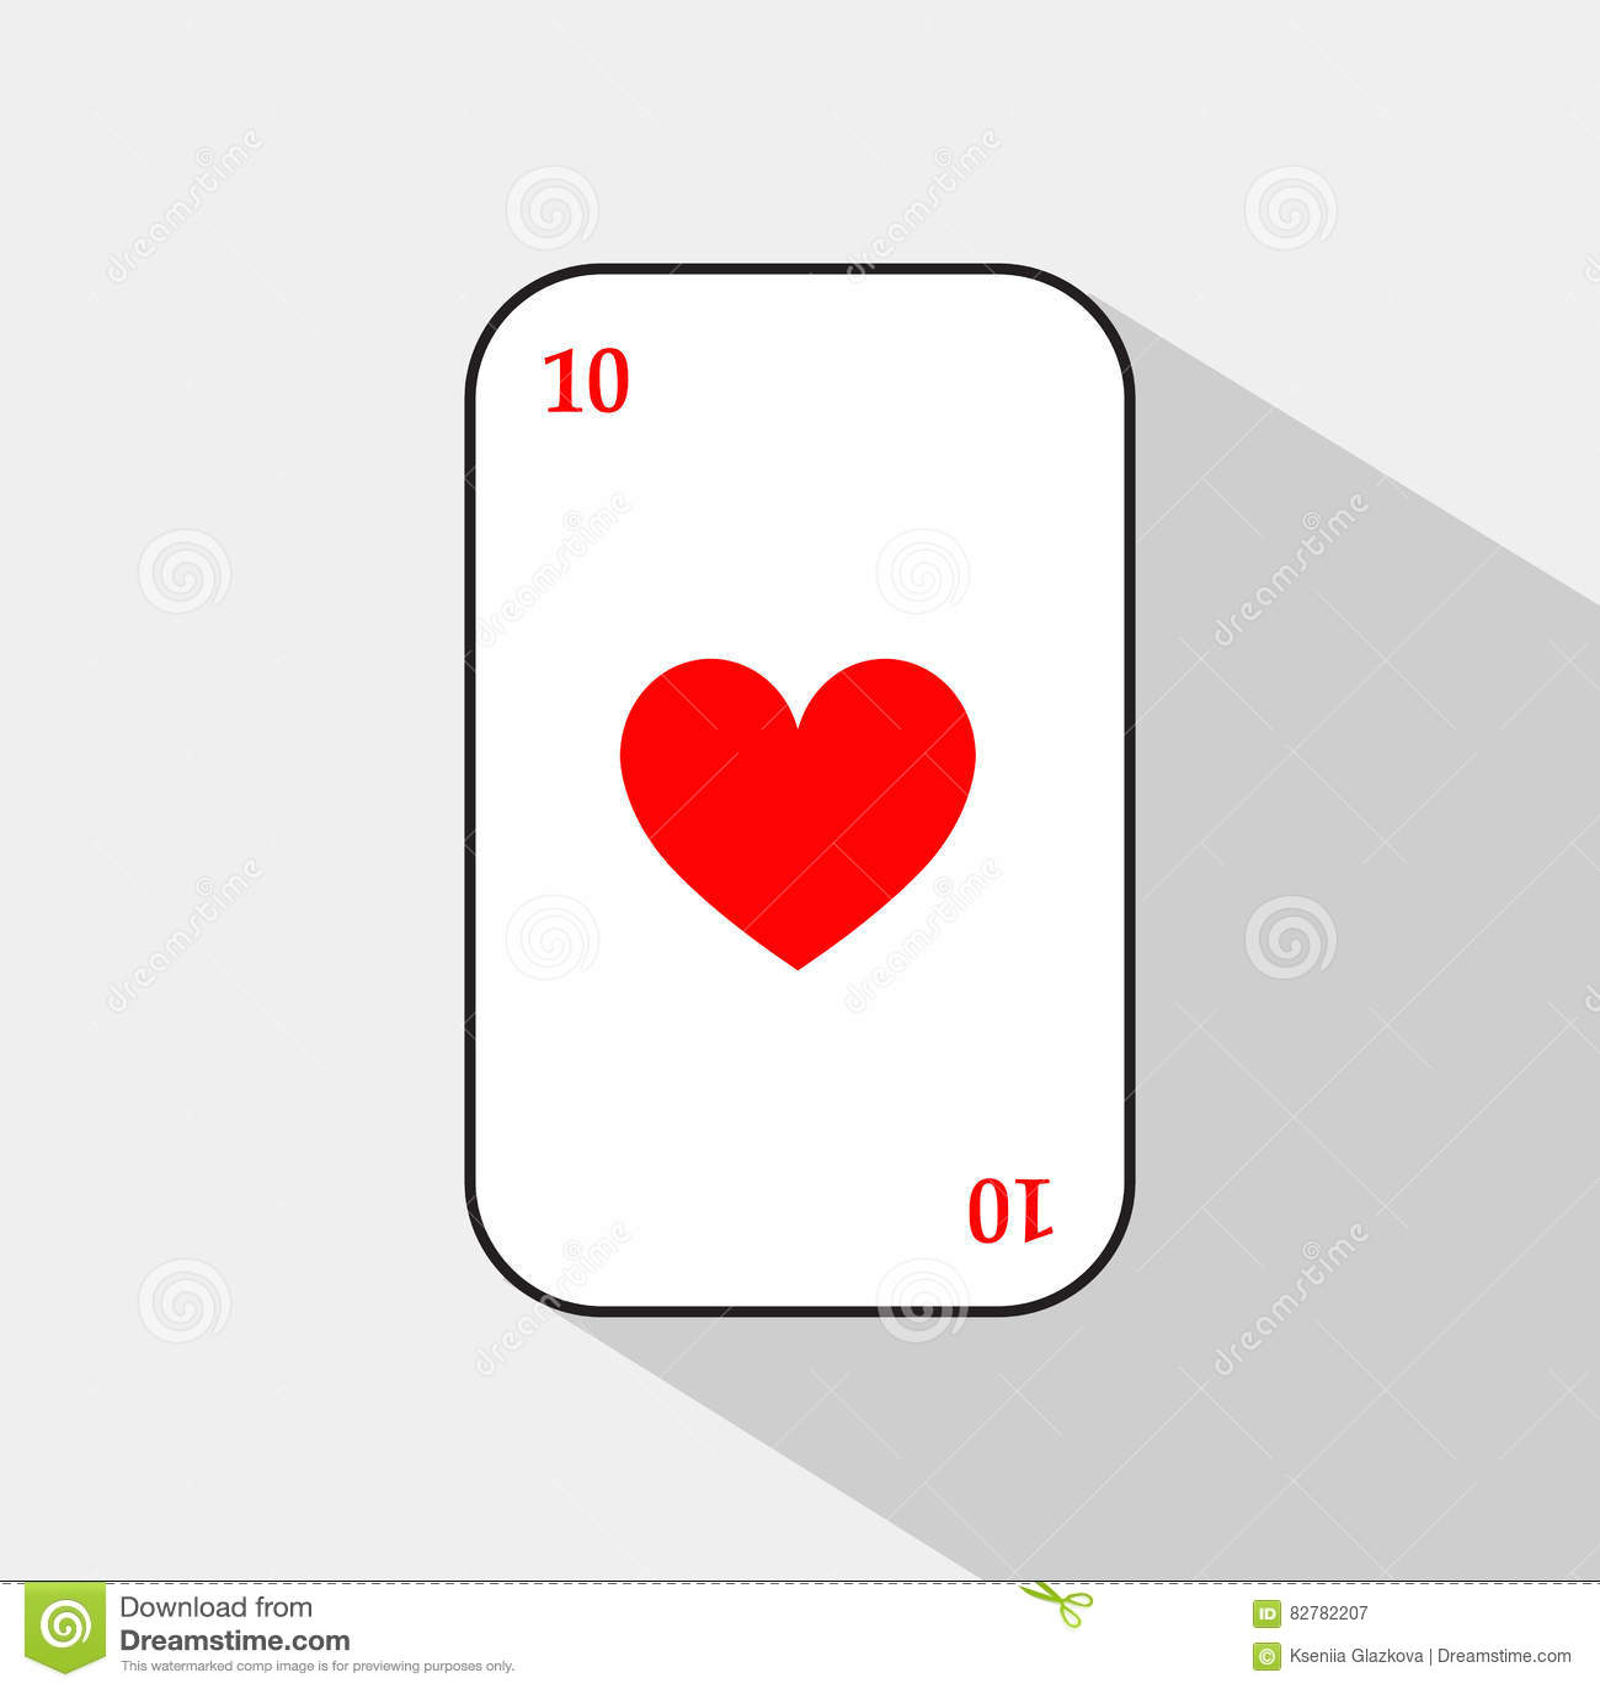 Pokerkort HJÄRTA tio vit bakgrund som lätt är skiljbar